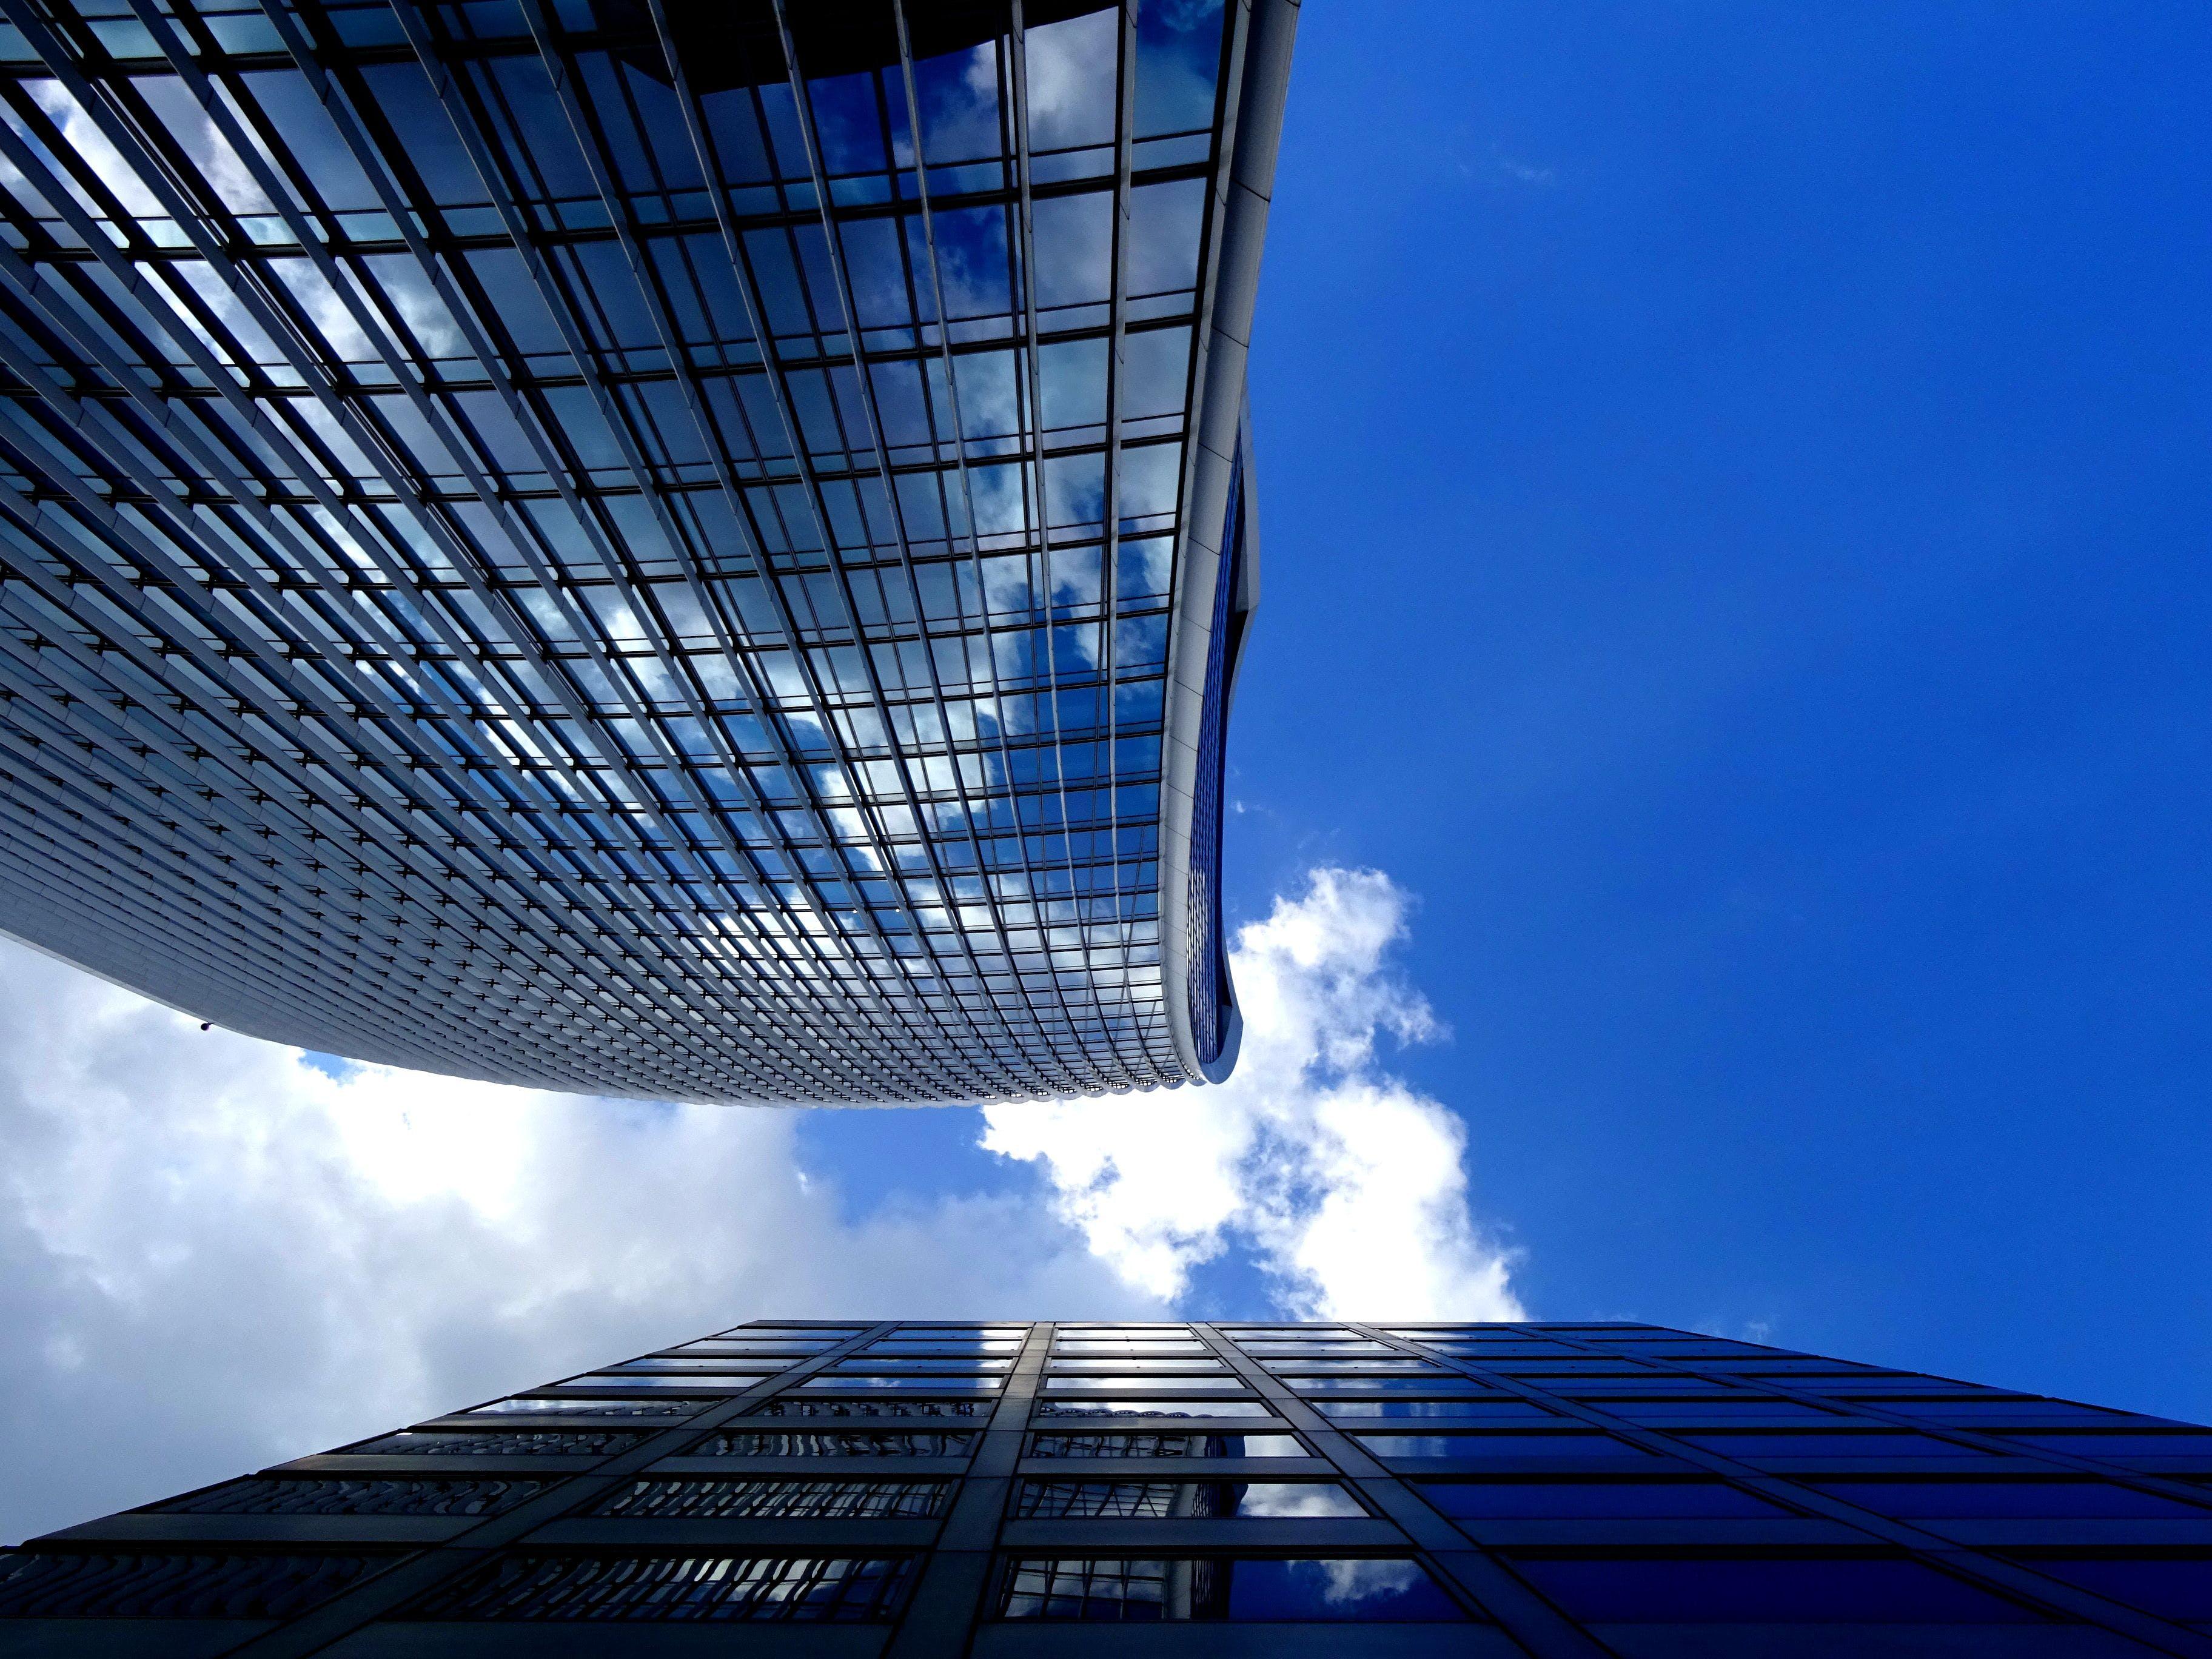 건물, 건물 외관, 건축 설계, 구름의 무료 스톡 사진